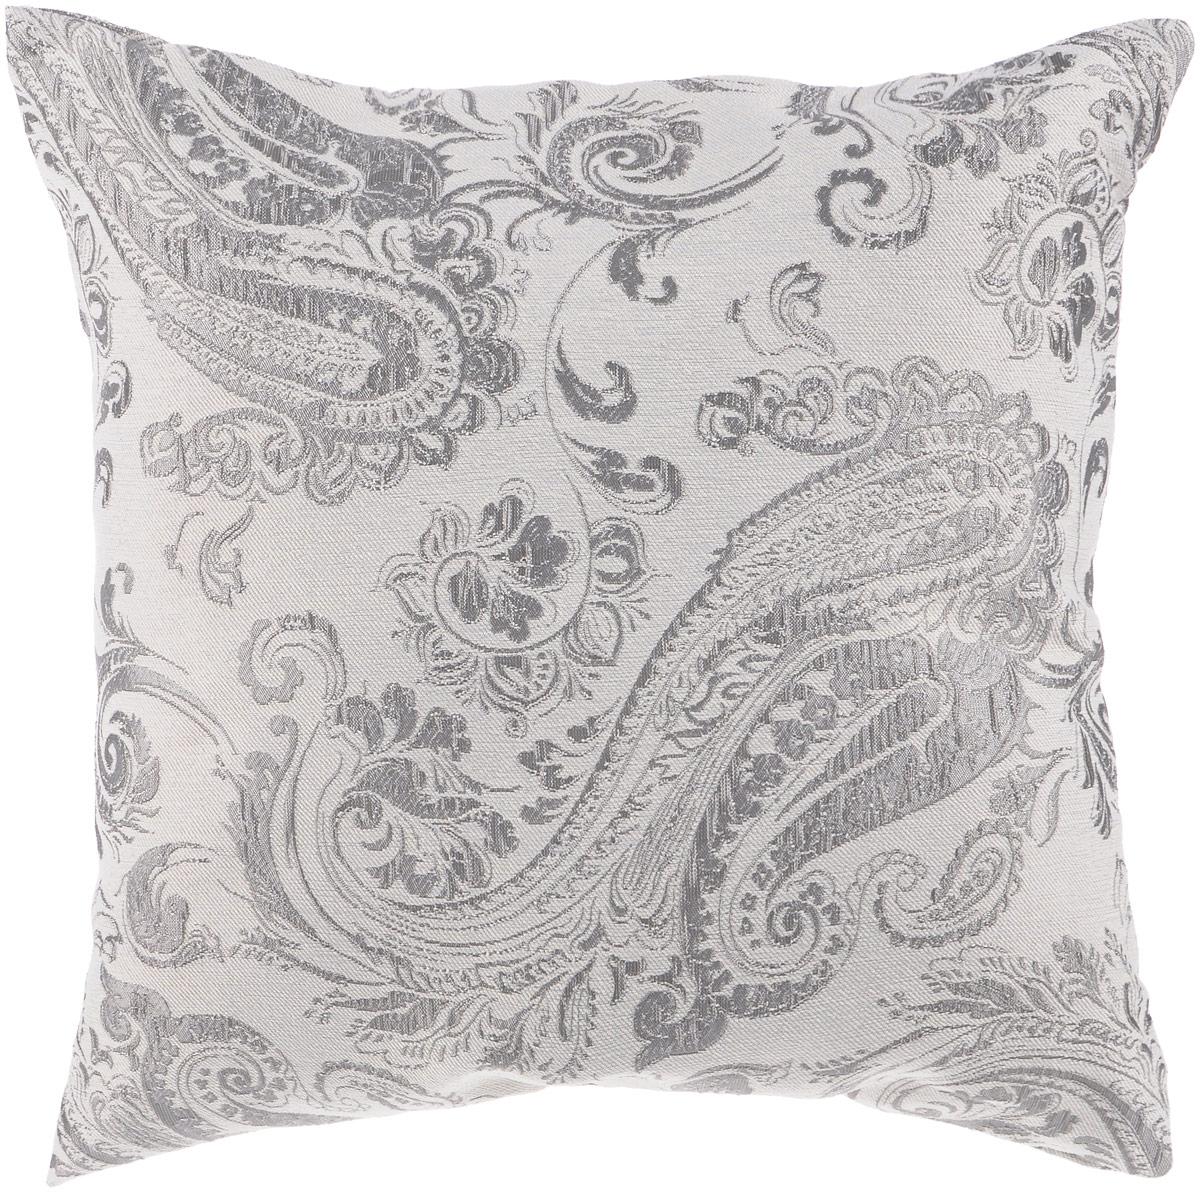 """Декоративная подушка """"Аладора"""" прекрасно дополнит интерьер спальни или гостиной. Мягкий на ощупь чехол подушки выполнен из прочного полиэстера. Внутри находится мягкий наполнитель. Чехол легко снимается благодаря потайной молнии. Красивая подушка создаст атмосферу уюта и комфорта в спальне и станет прекрасным элементом декора."""